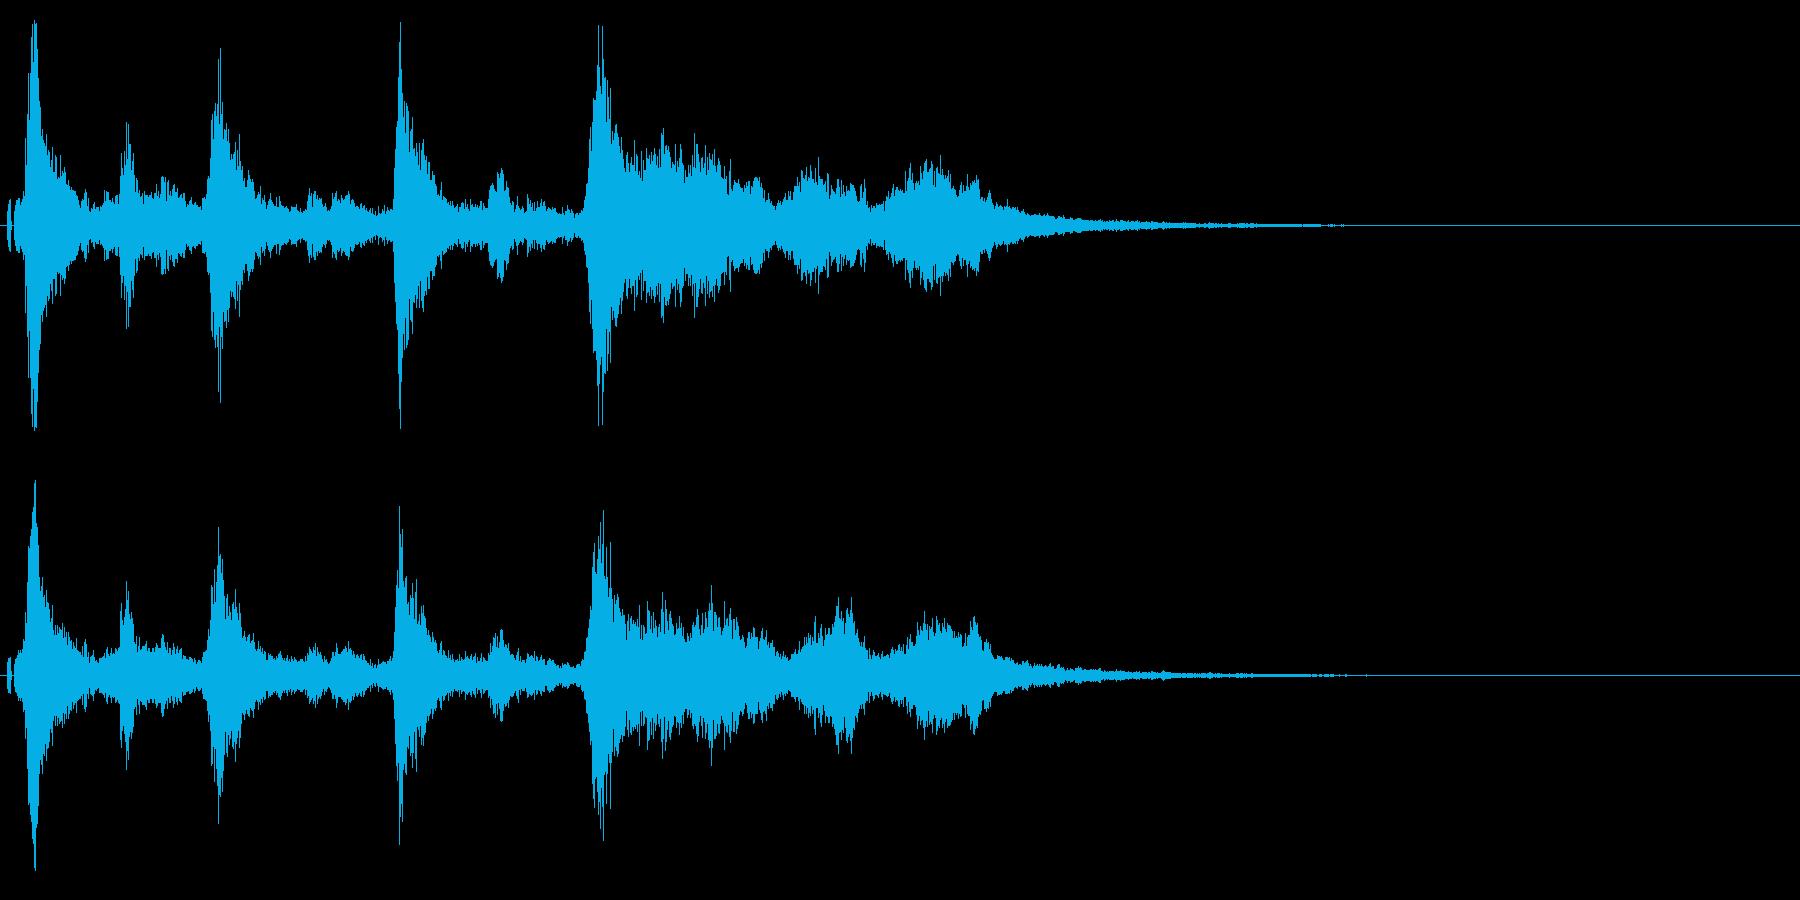 クリスマスのベルとボイスのジングル!13の再生済みの波形